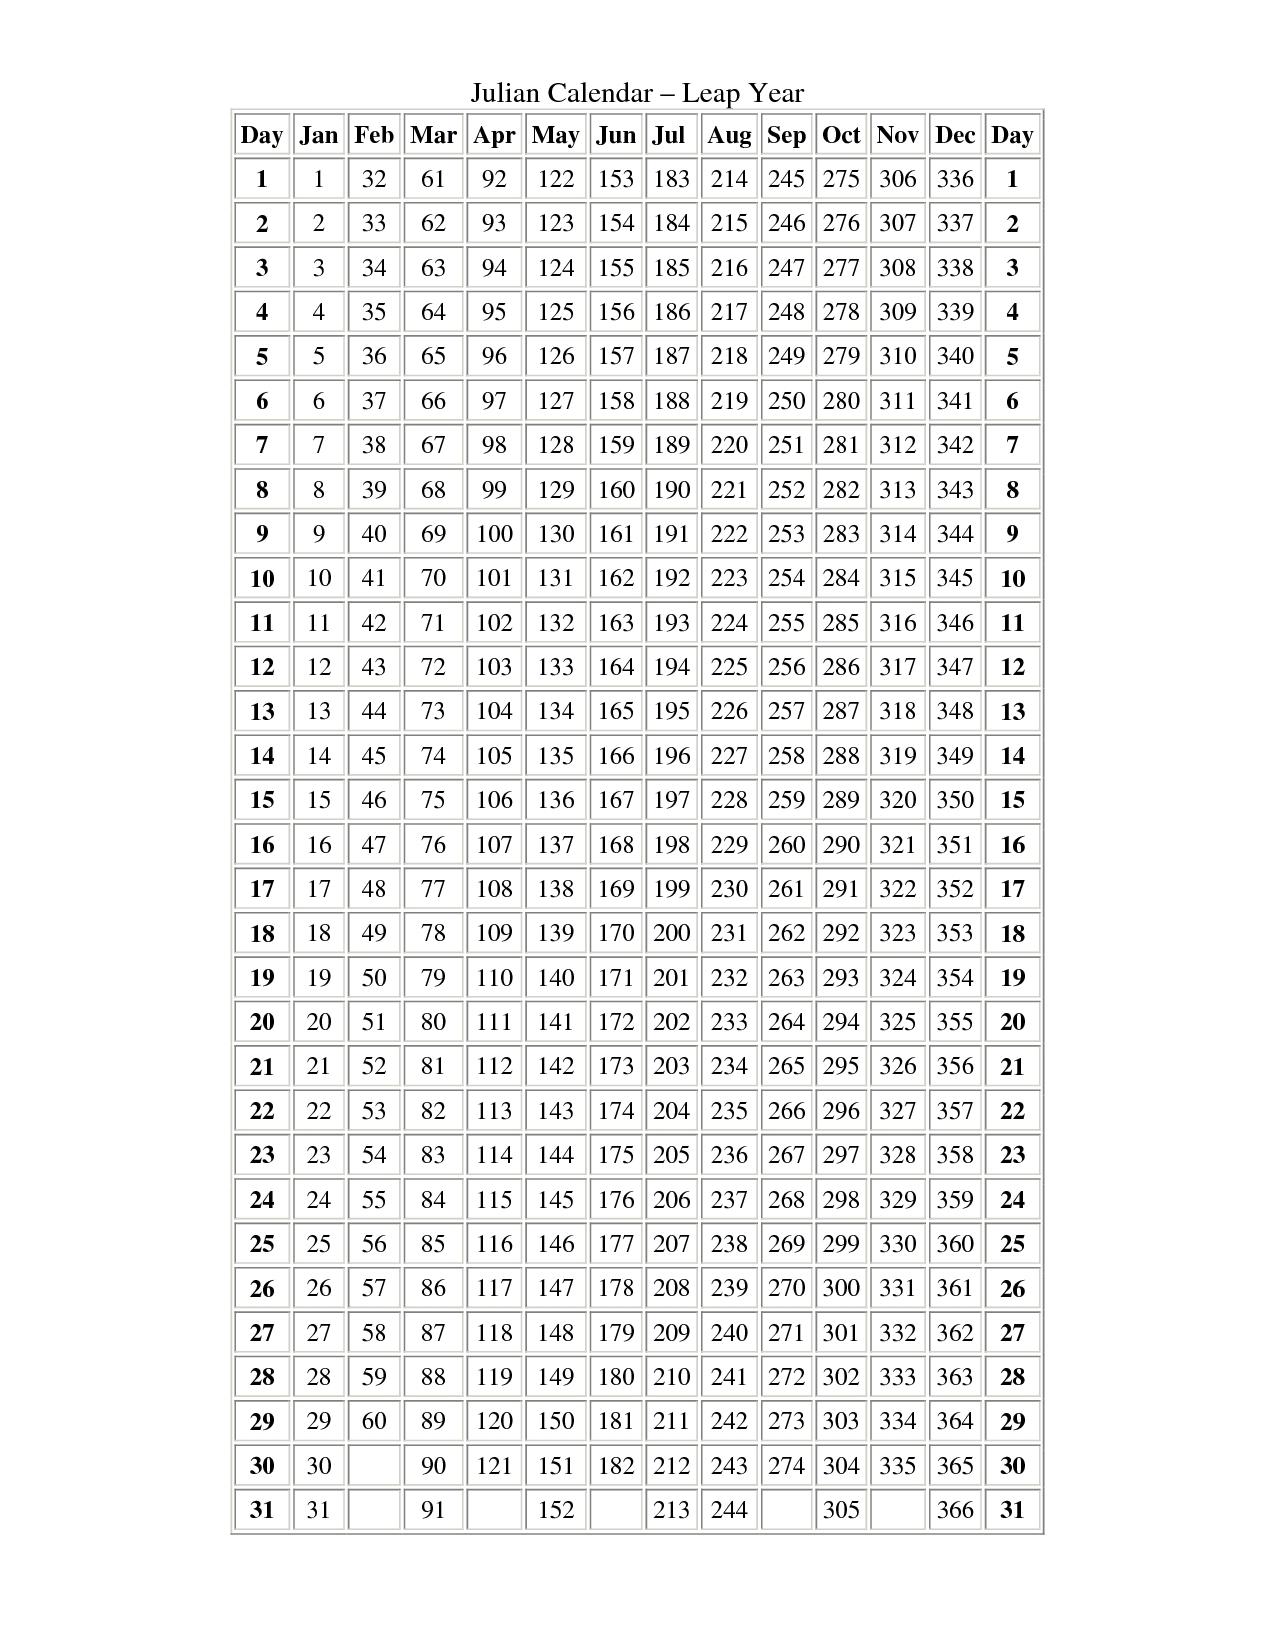 Printable Julian Date Calendar | Calendar For Planning With Regard To Julian Date Leap Year Calendar